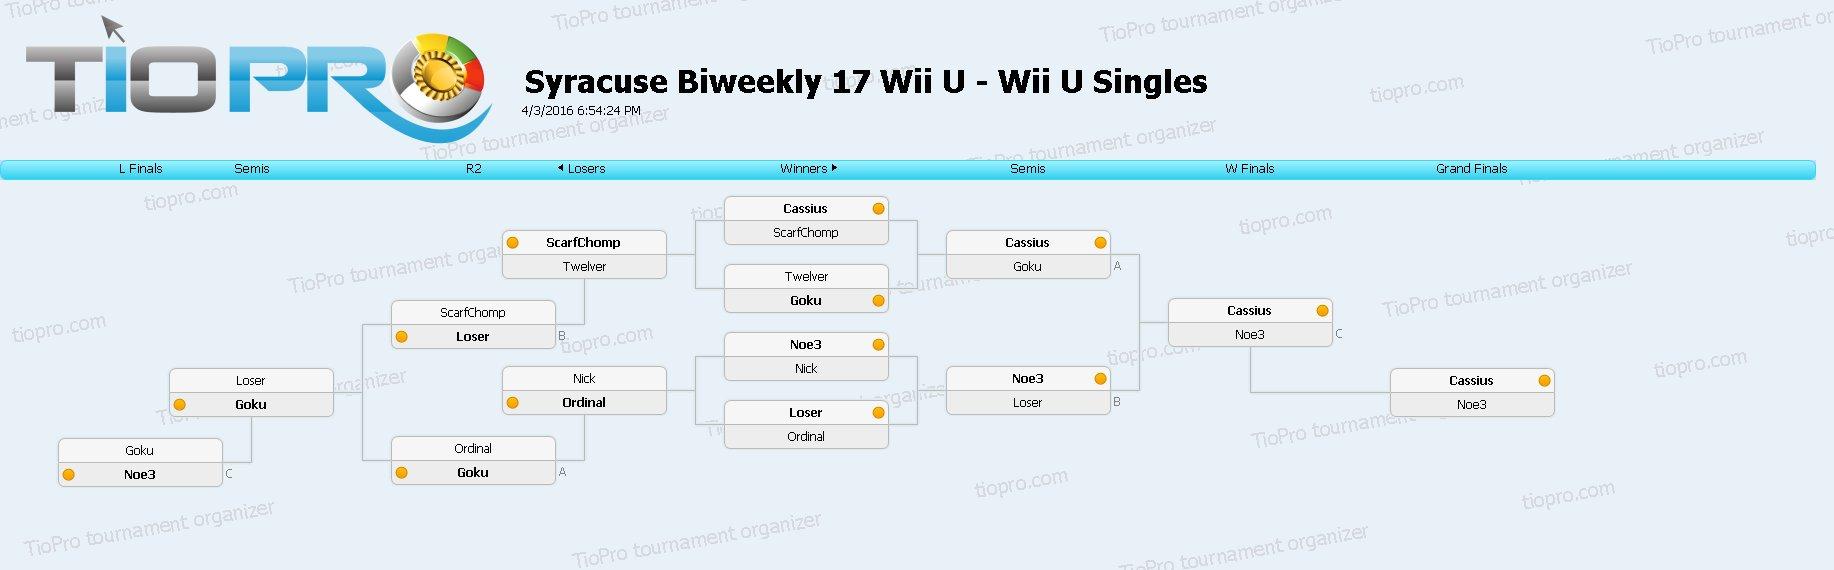 SSB17 Wii U Singles